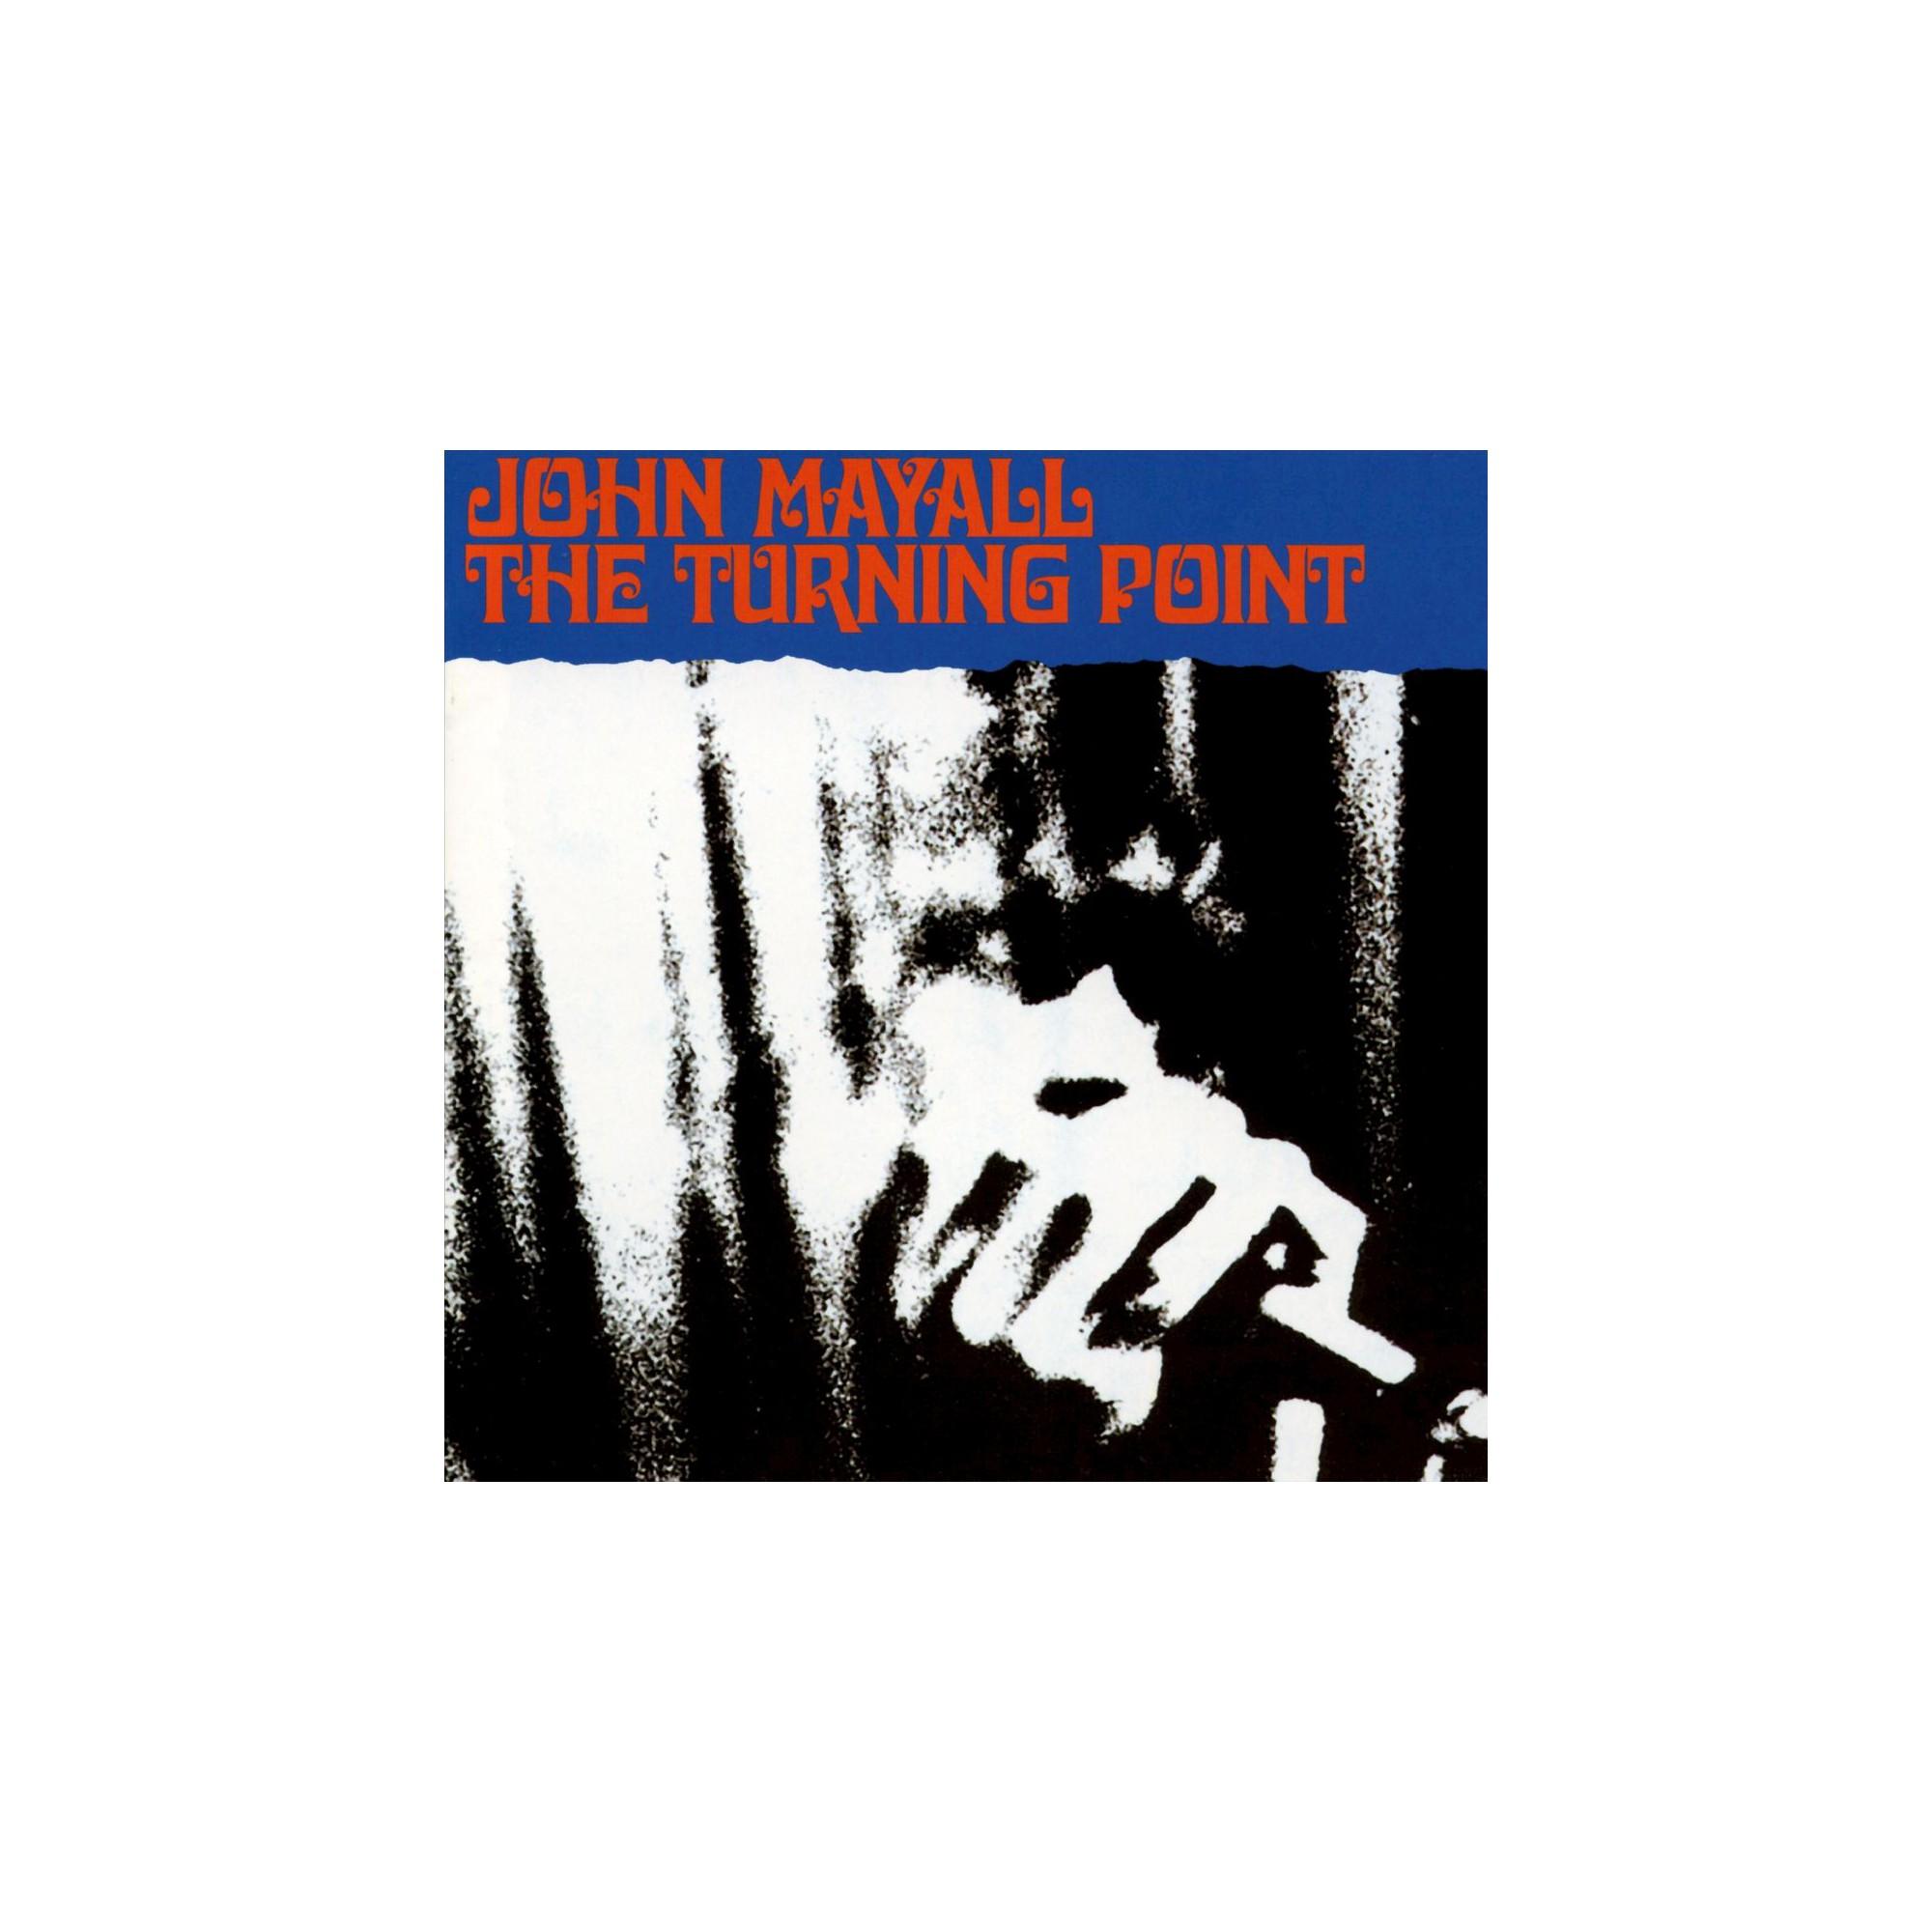 John mayall - Turning point (CD) | John mayall and Products